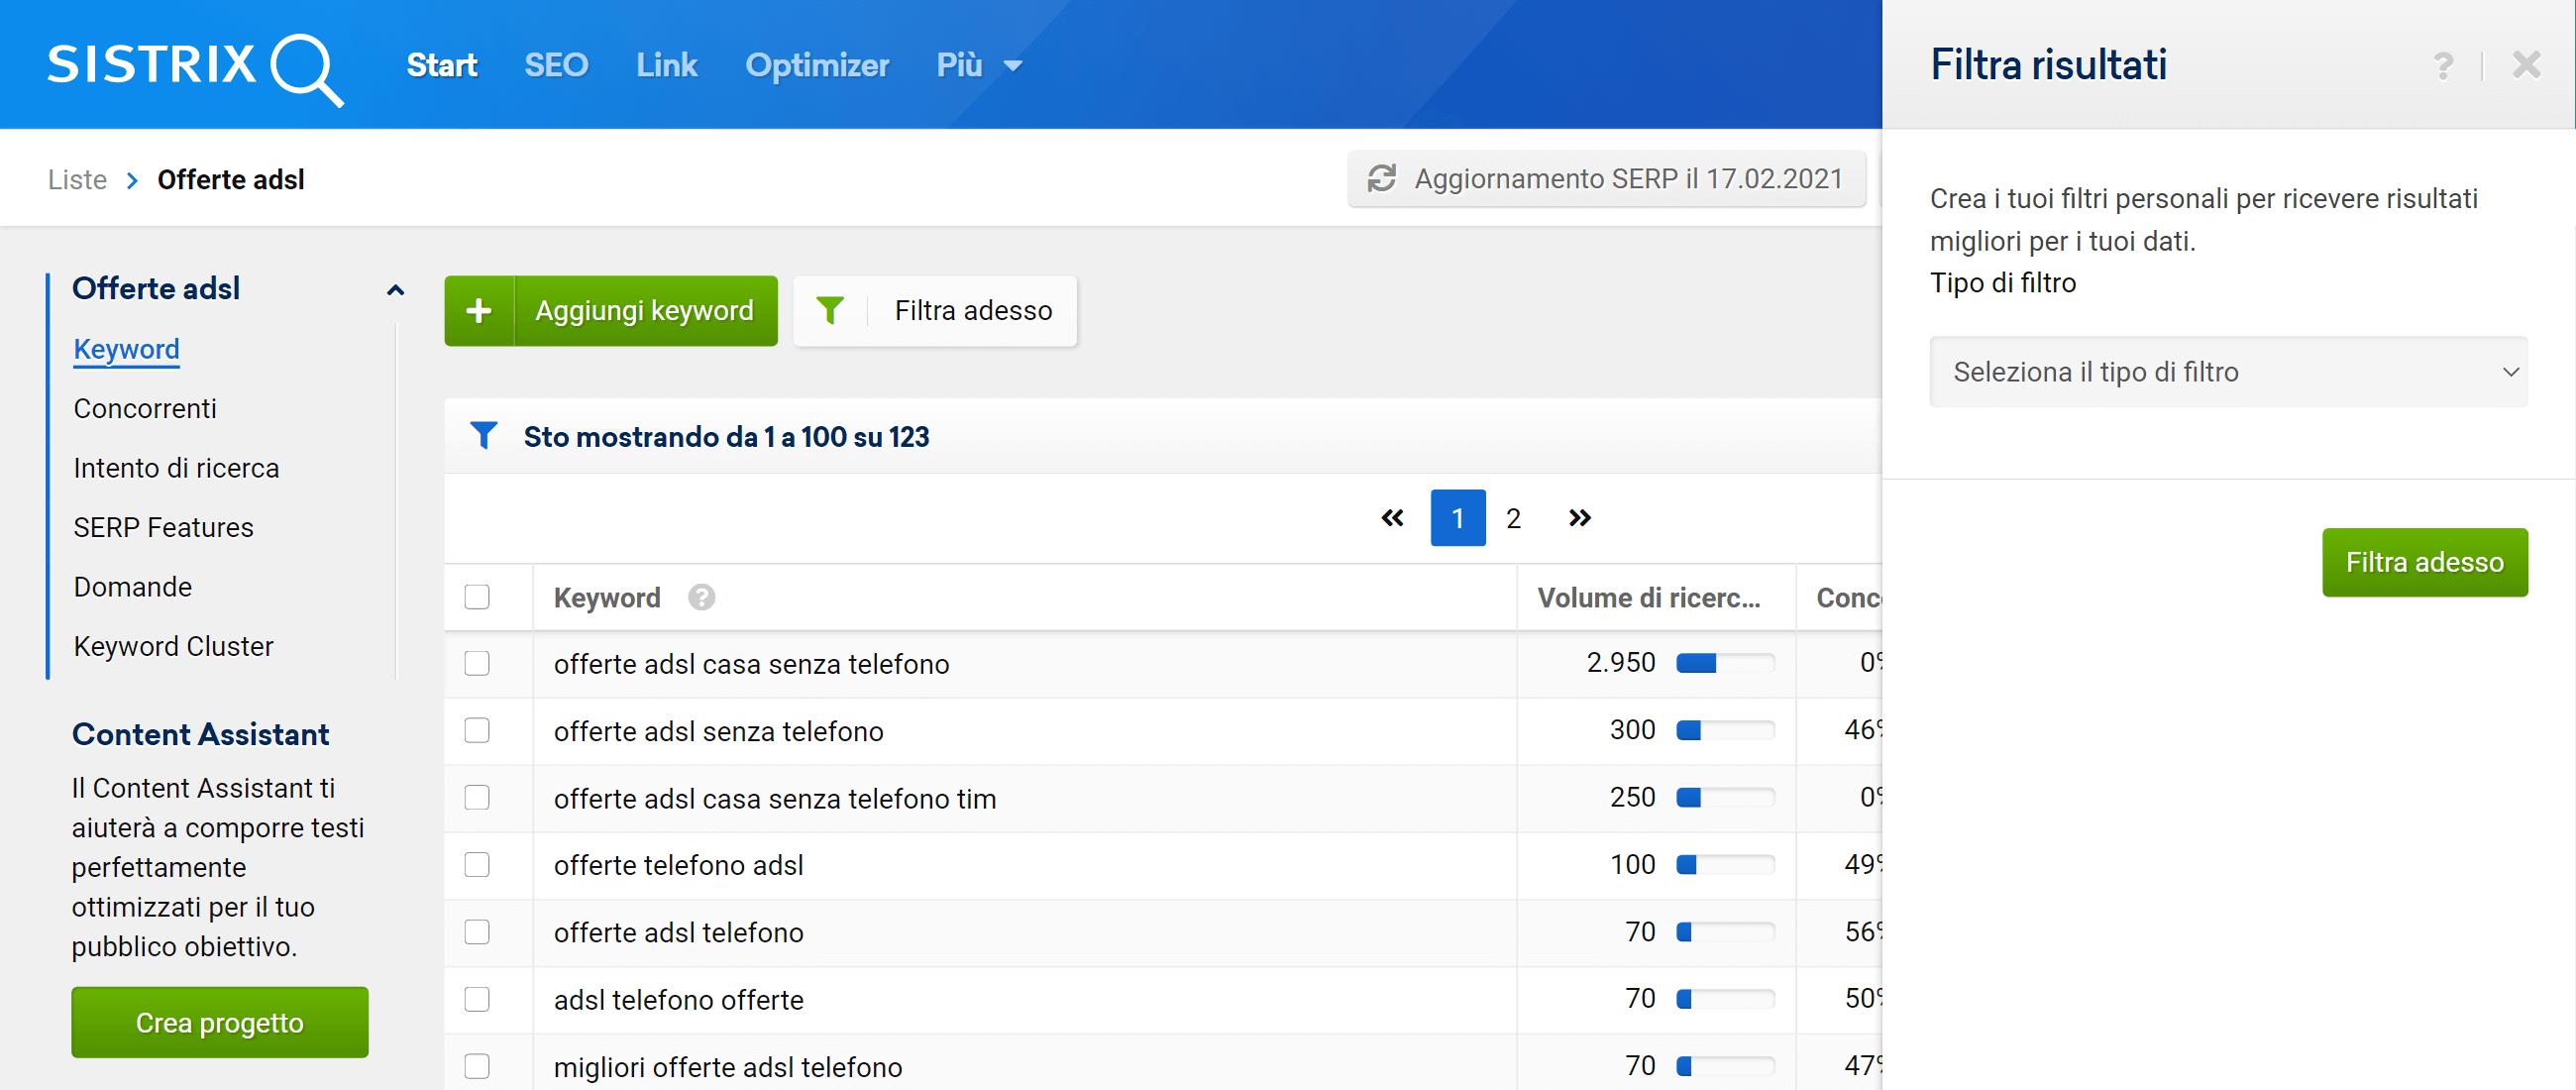 Come aggiungere un filtro ad una lista nel Toolbox SISTRIX